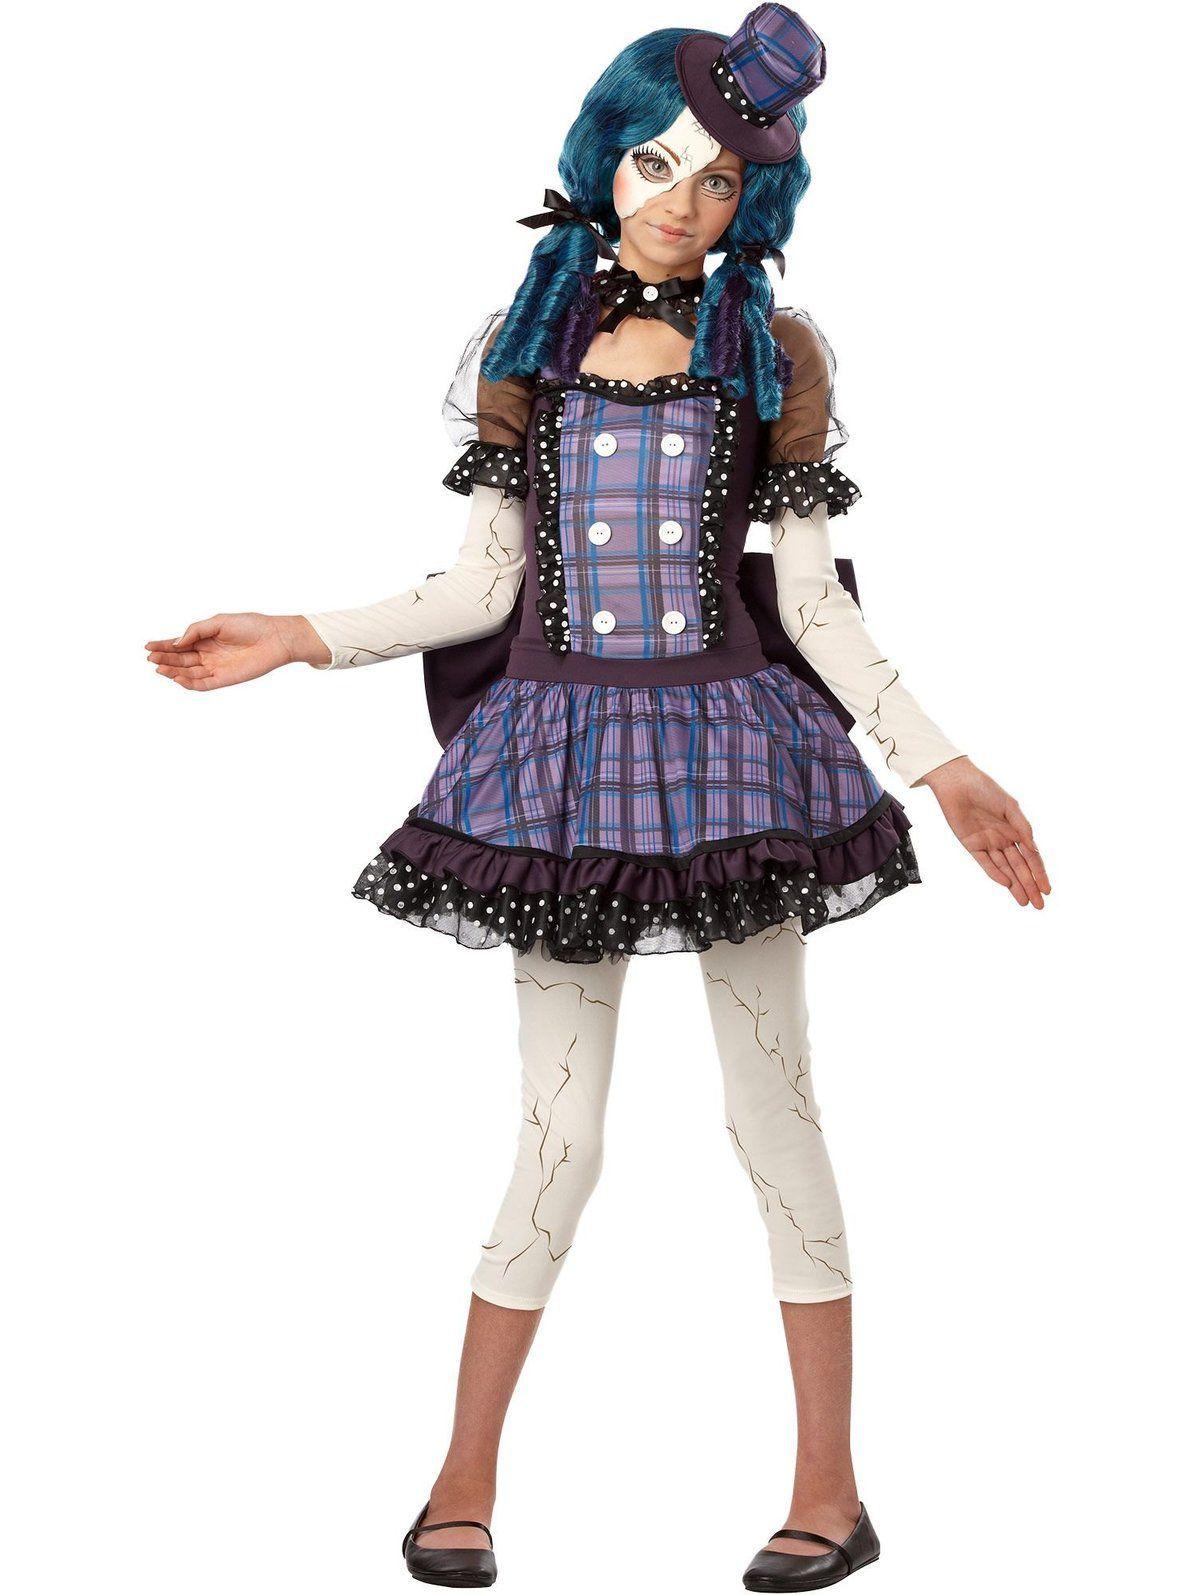 View Larger Image Broken doll costume, Tween costumes